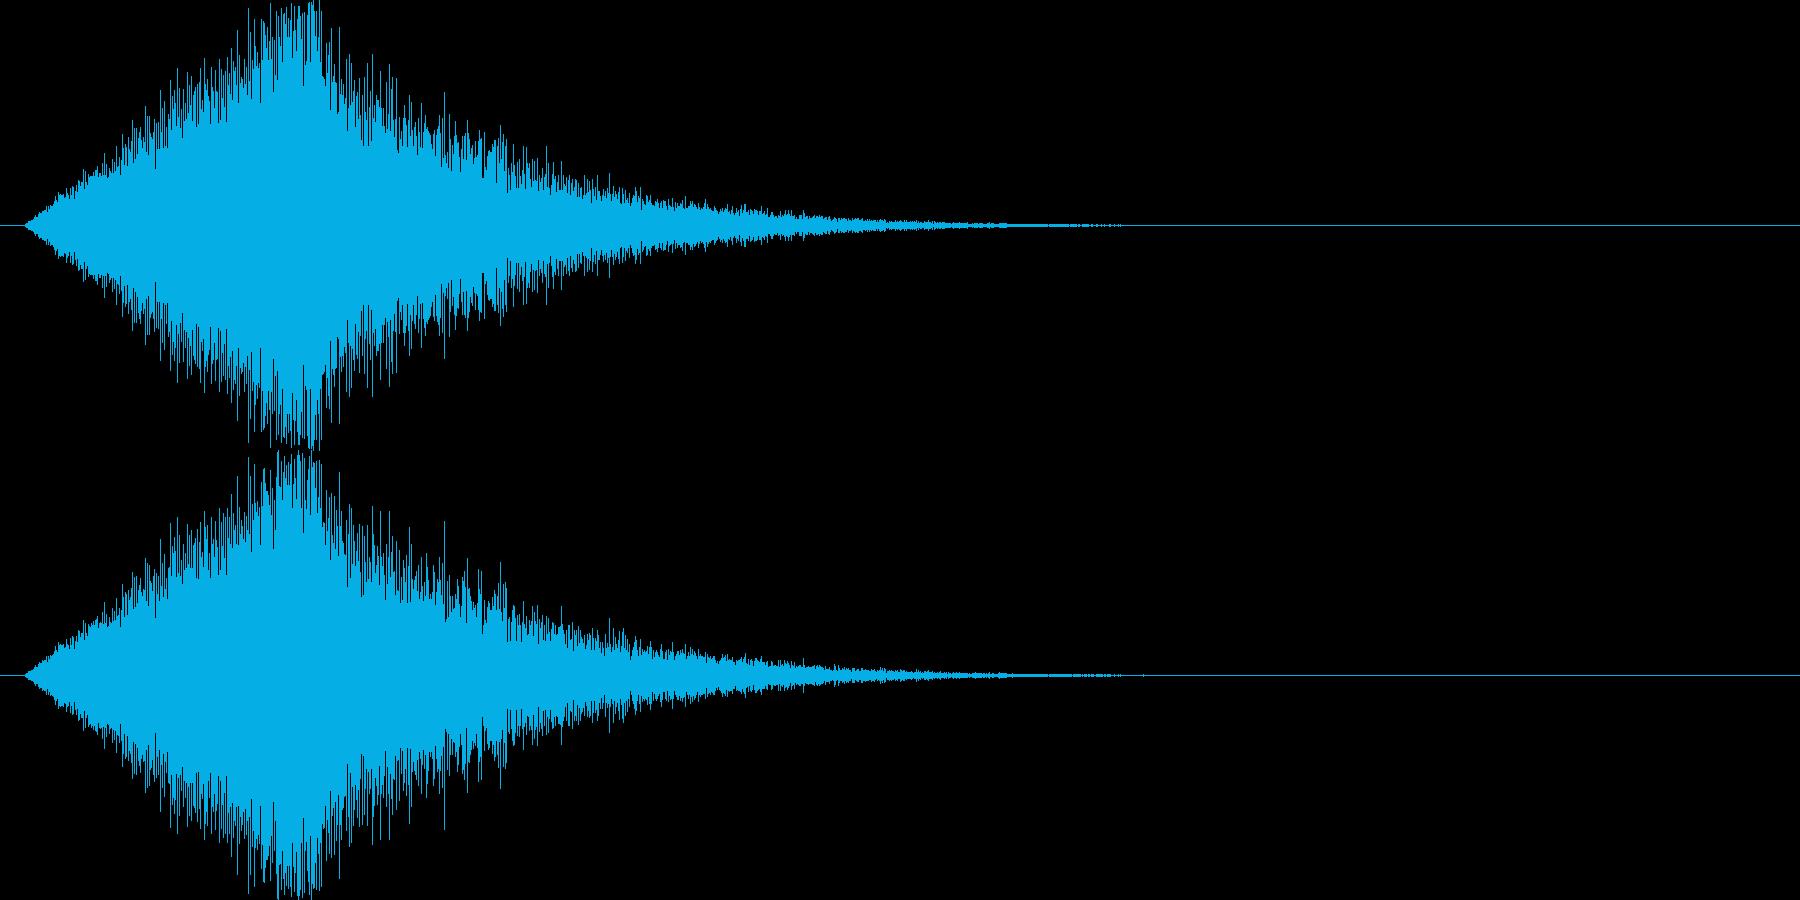 キロロロロロ↓(場面転換、流れ星)の再生済みの波形